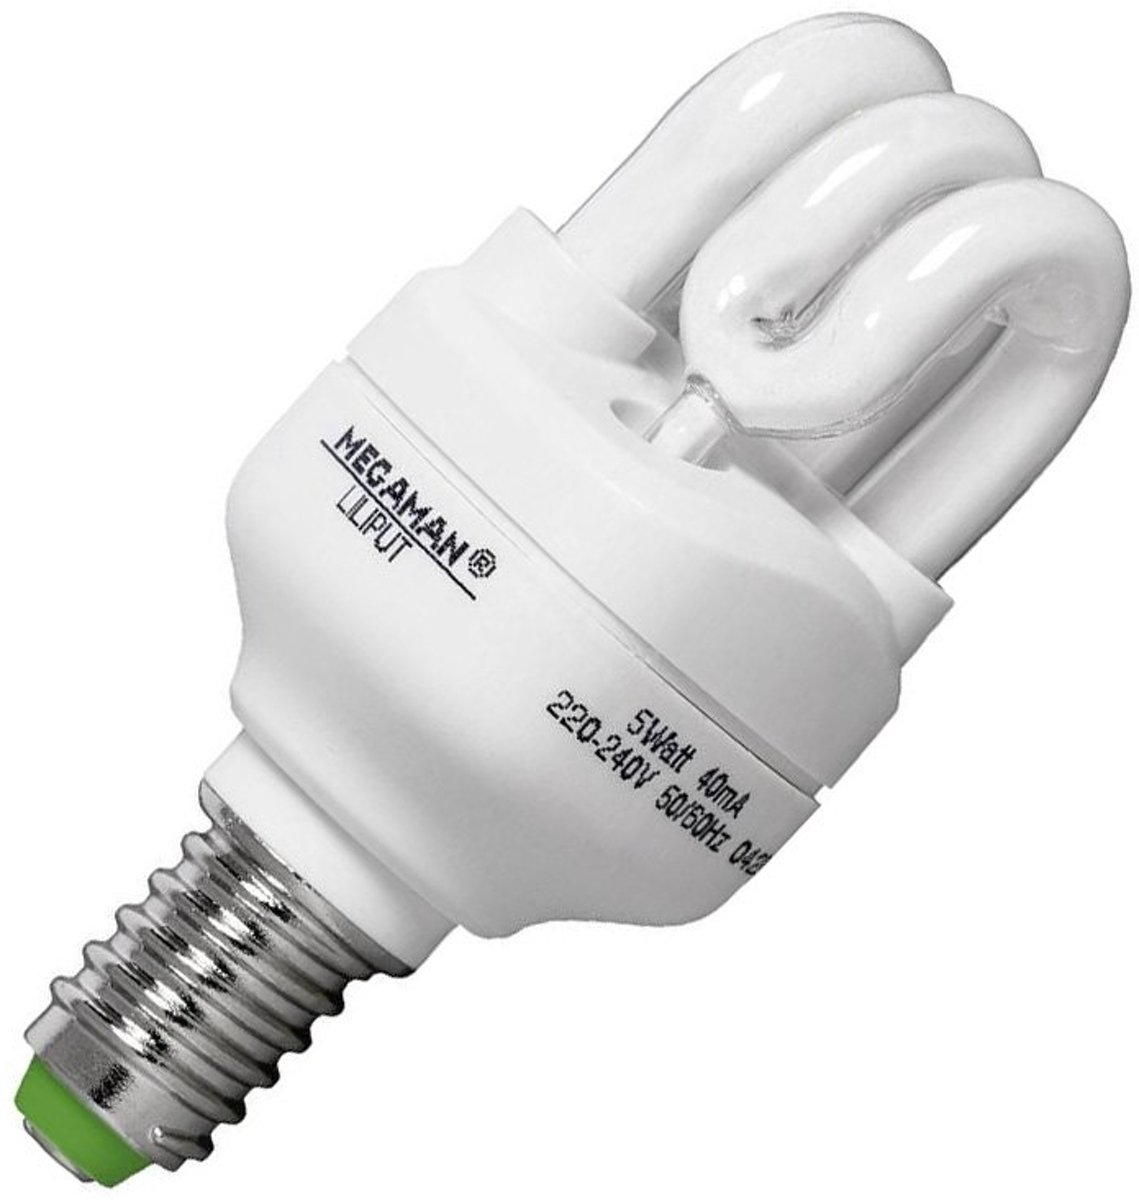 Megamann Spaarlamp DIM E14 - 5W